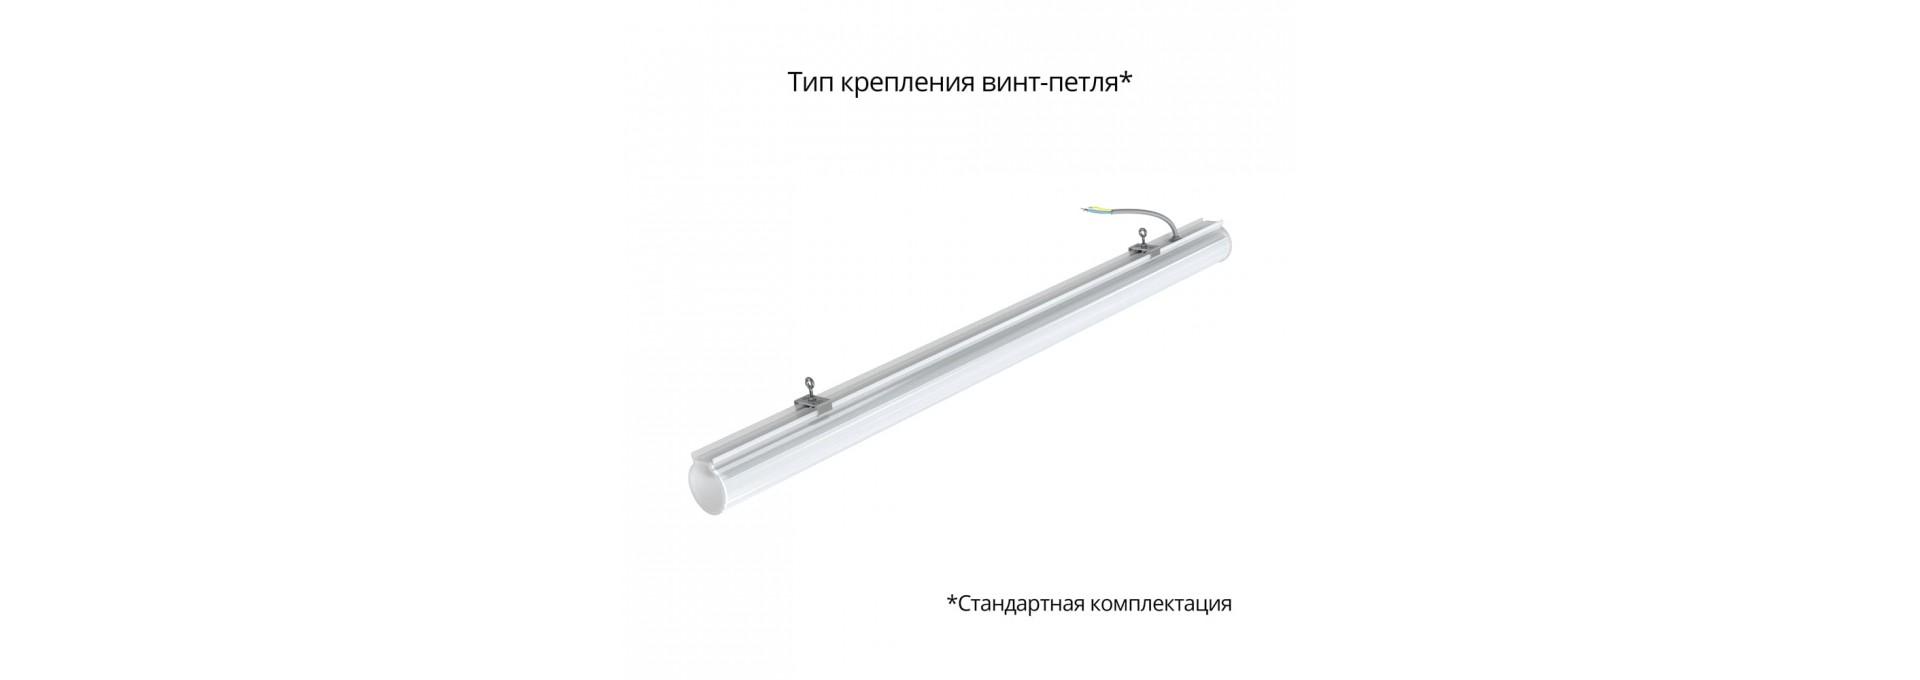 Тубус 30 900мм 3000К